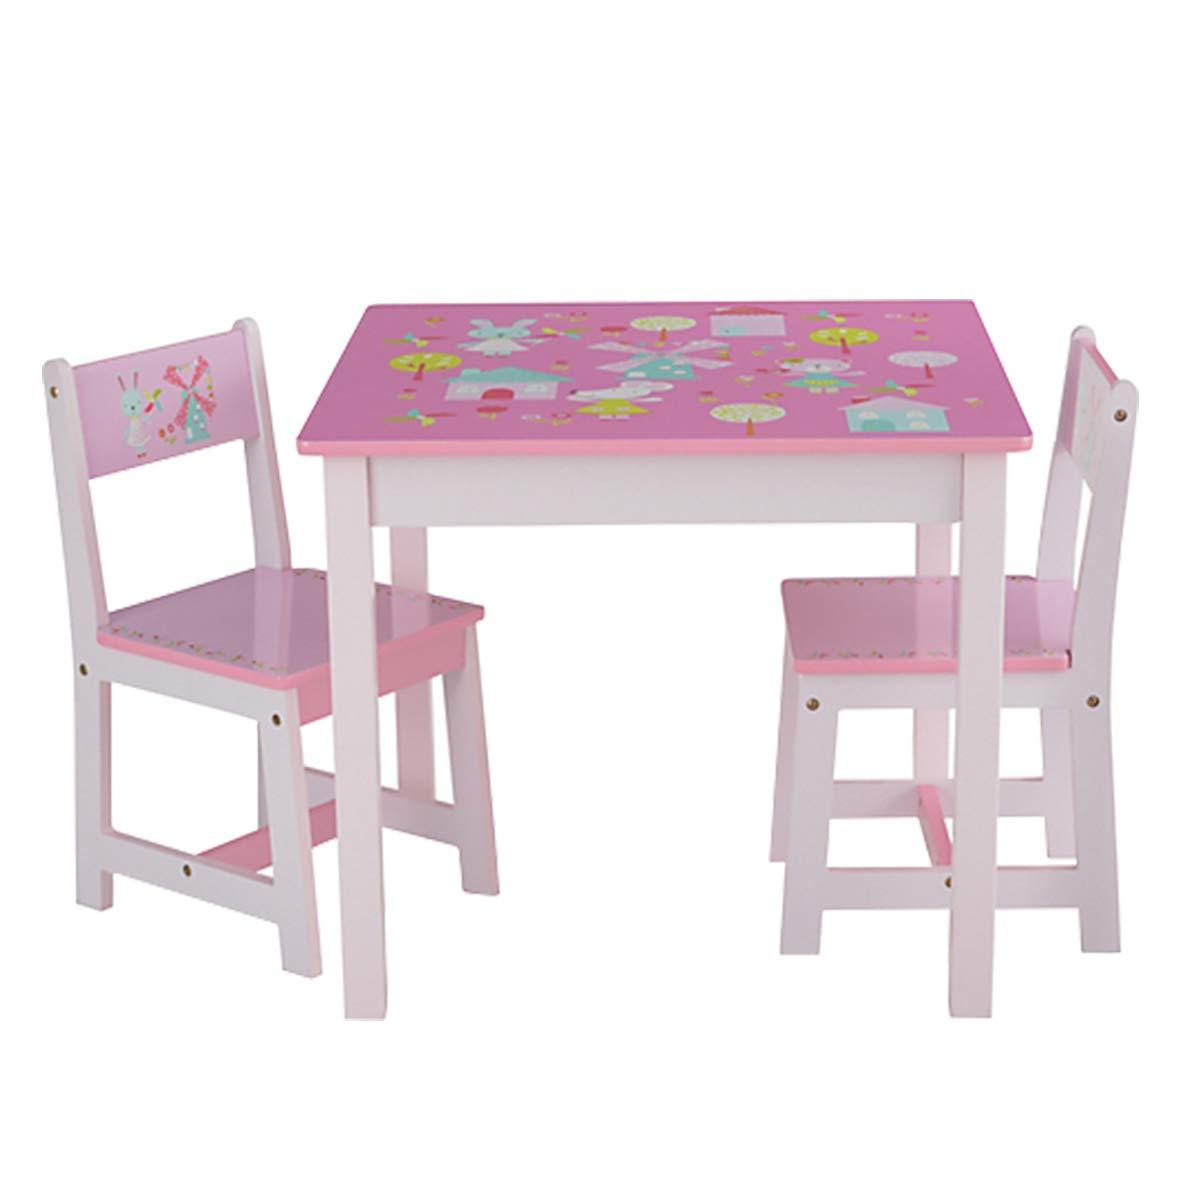 Tavoli E Sedie In Legno.Odt Set Tavolo E Sedie Per Bambini In Legno 1 Tavolo 2 Sedie 1 Tavolo E 2 Sedie Coniglio E Mulino A Vento Giochi Legno